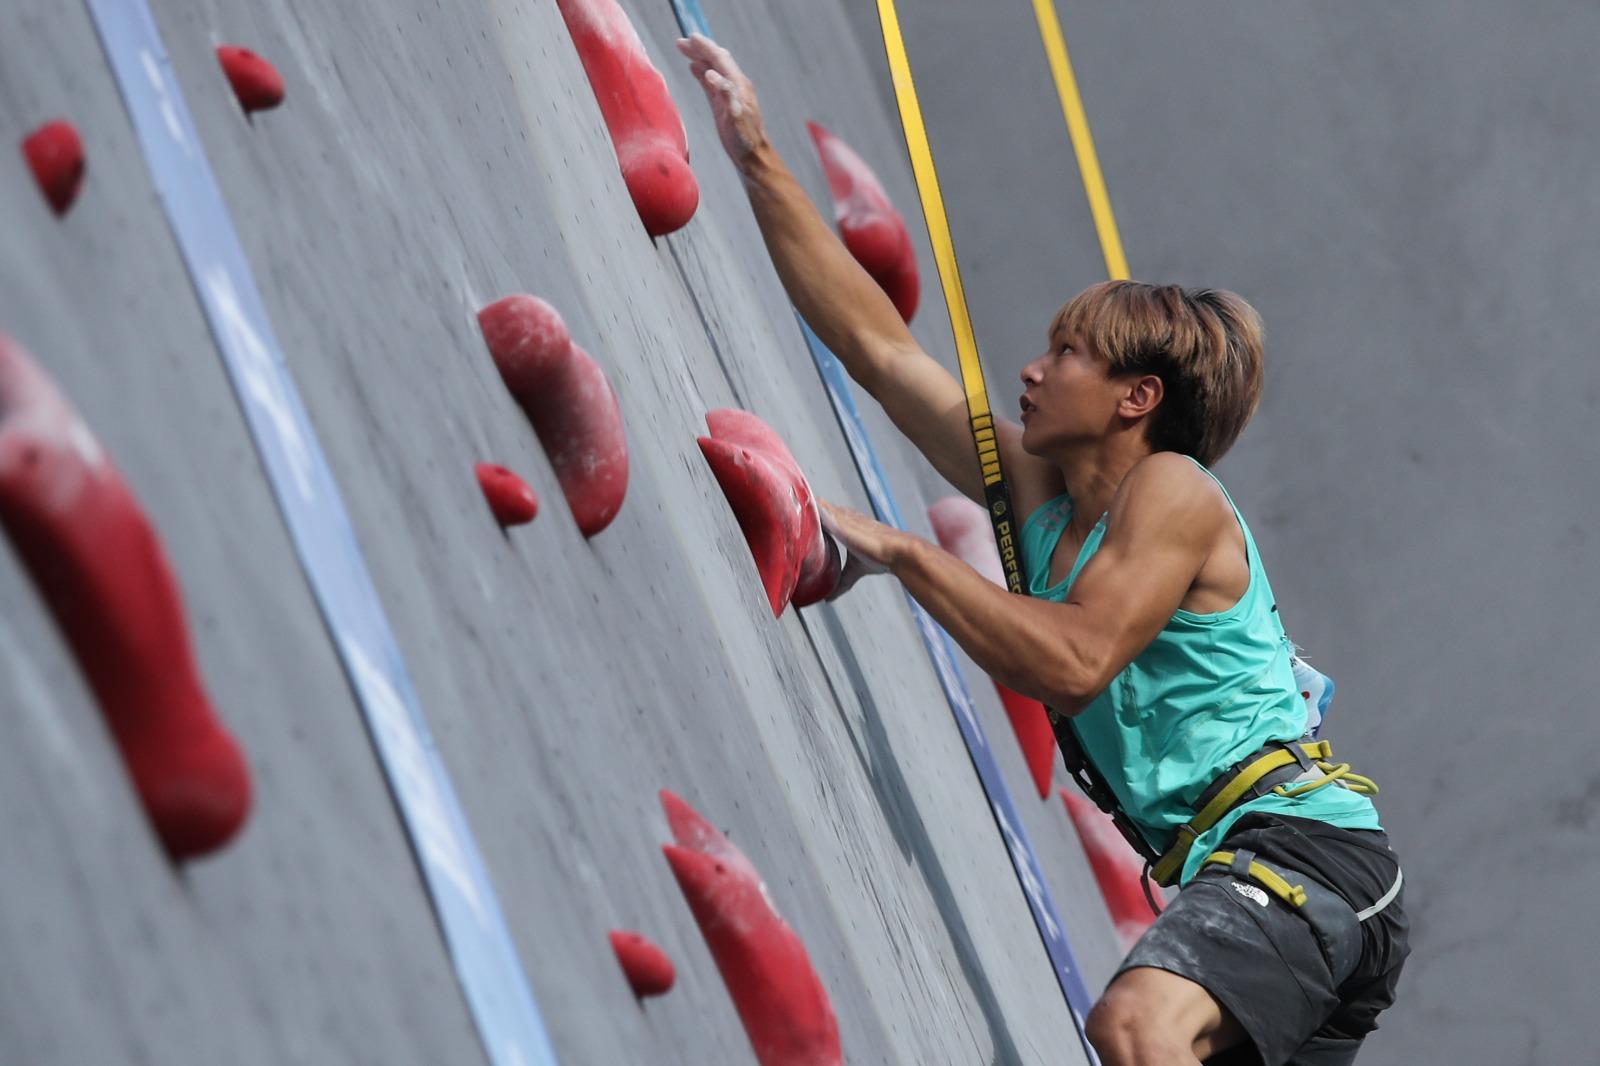 第64屆體育節 - 運動攀登體驗日 – 完滿結束